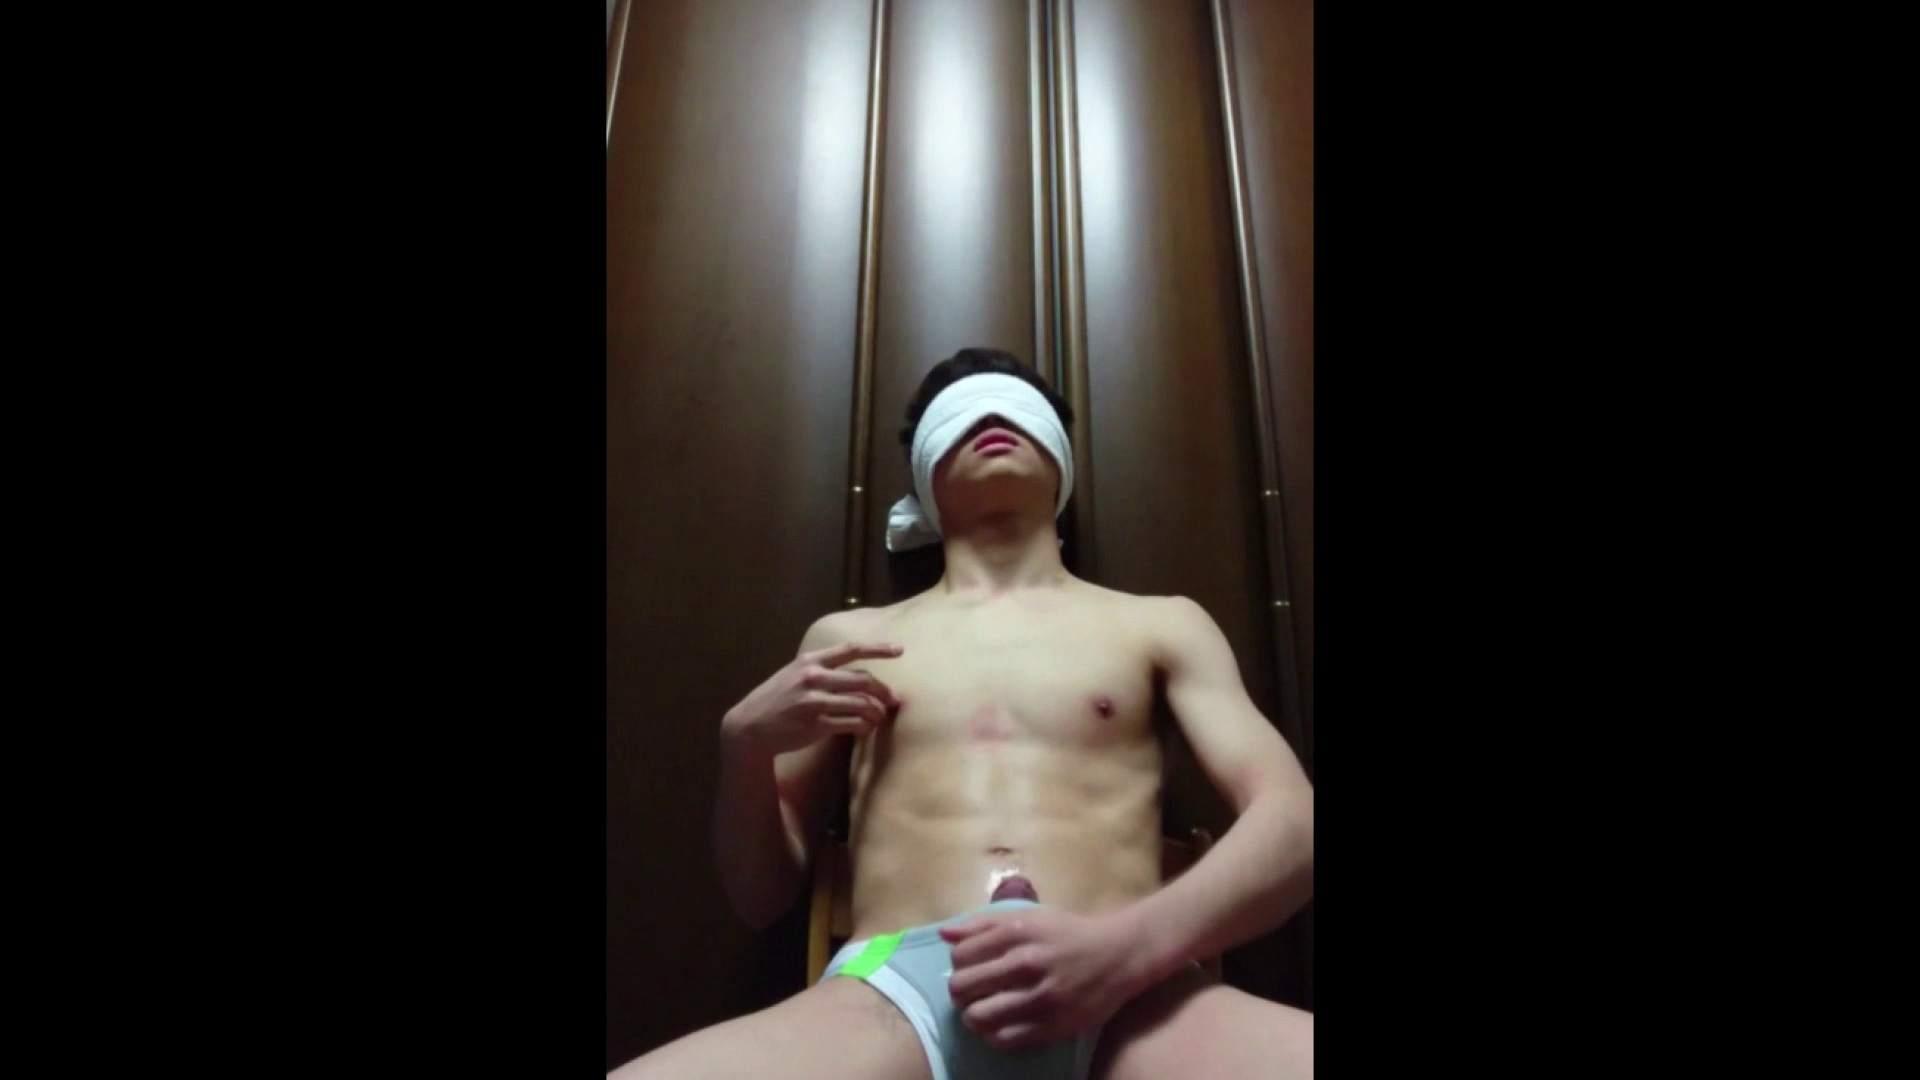 個人撮影 自慰の極意 Vol.21 個人撮影 | 手コキ ゲイエロ動画 93pic 21